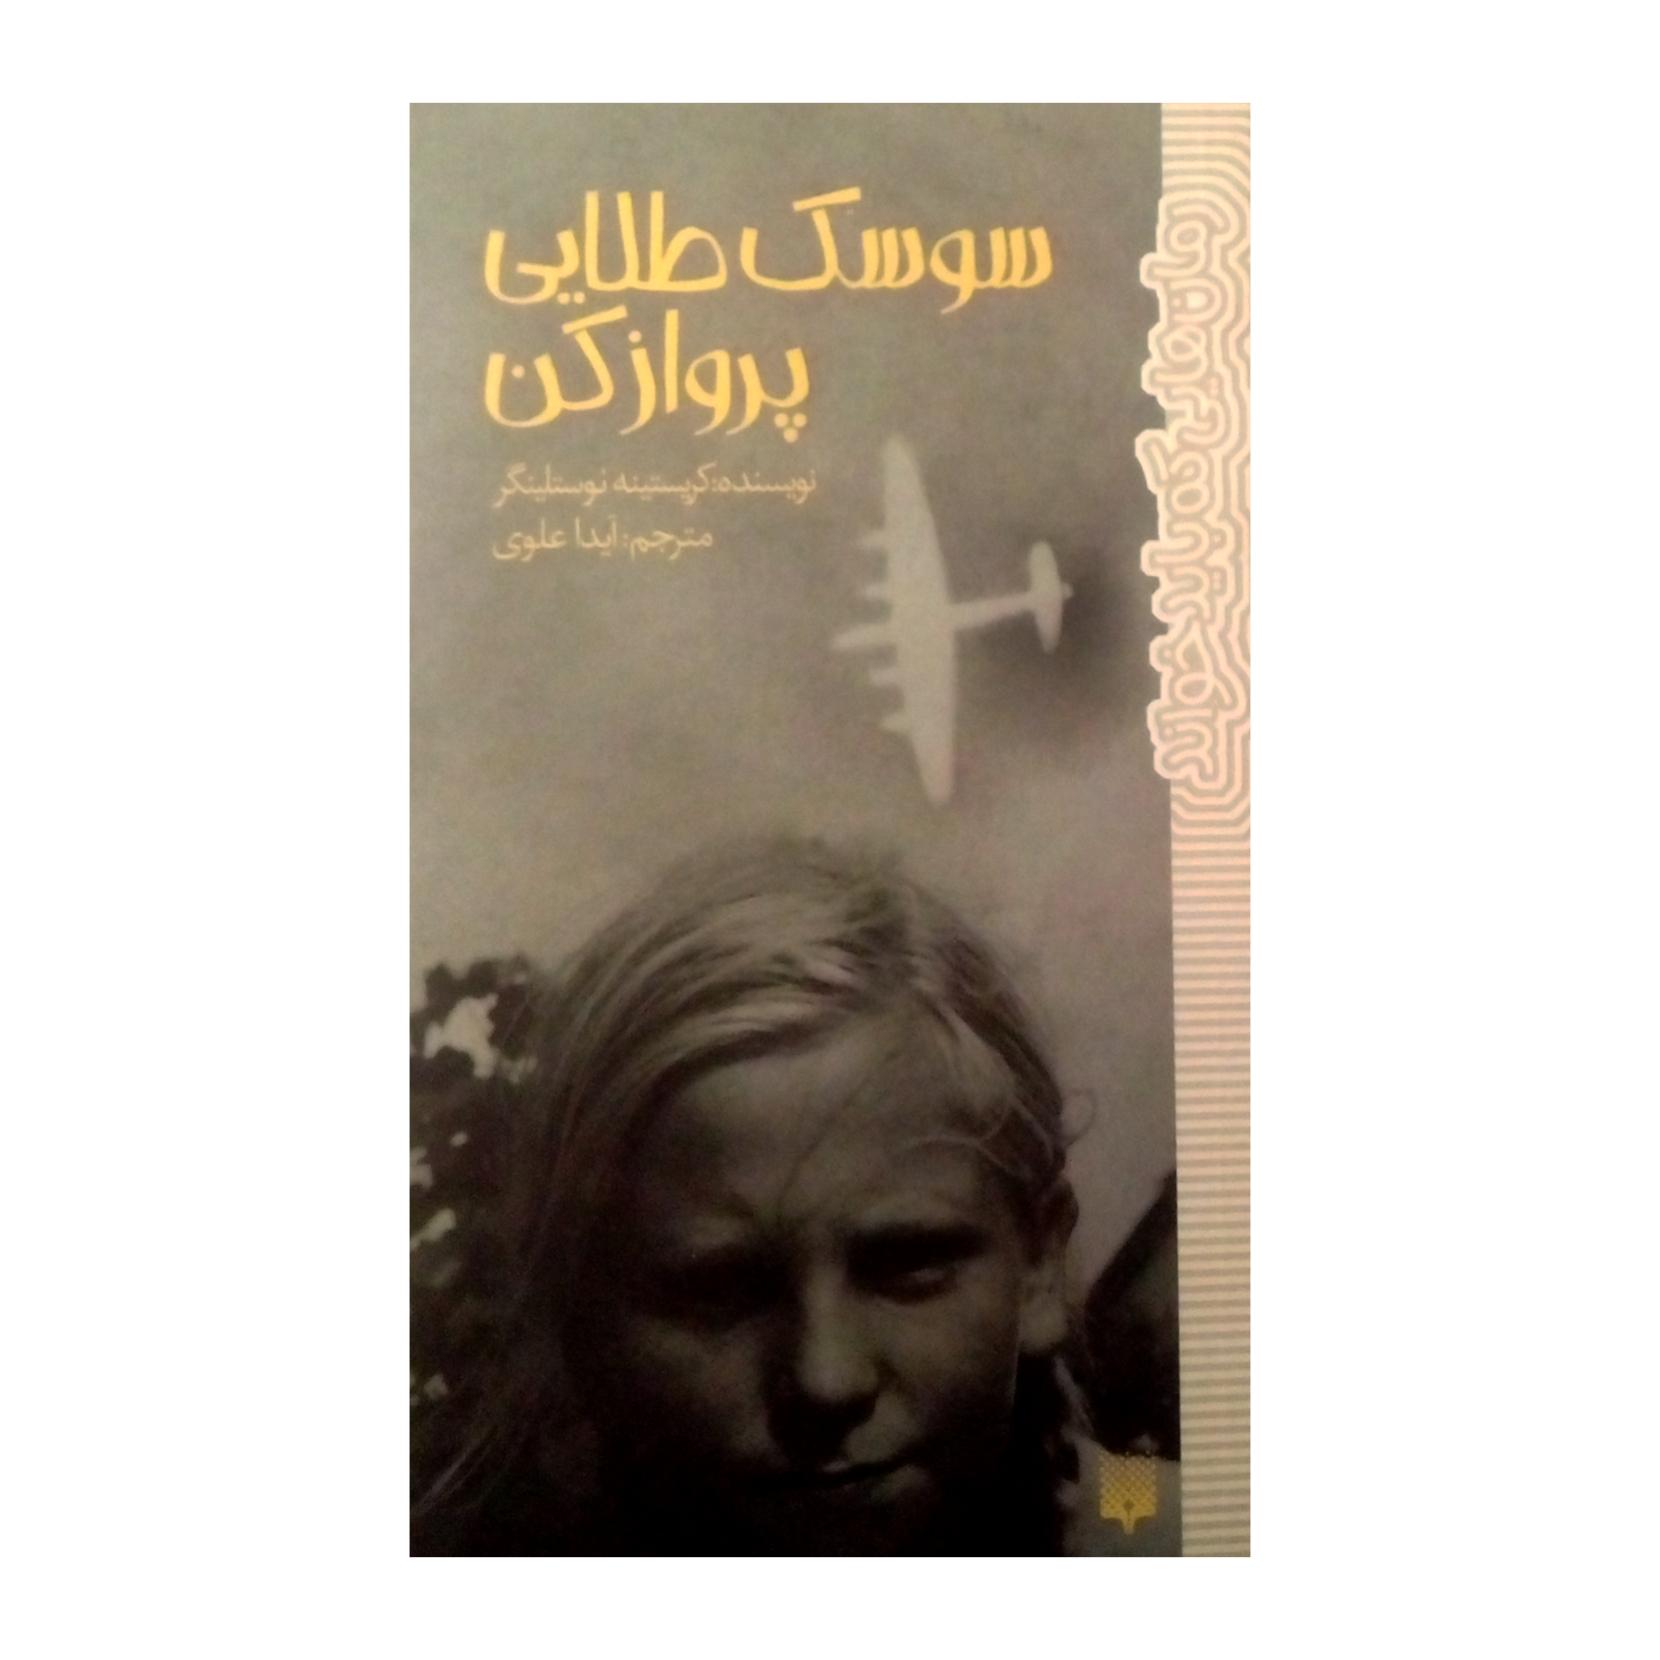 کتاب سوسک طلایی پرواز کن اثر کریستینه نوستلینگر نشر پیدایش